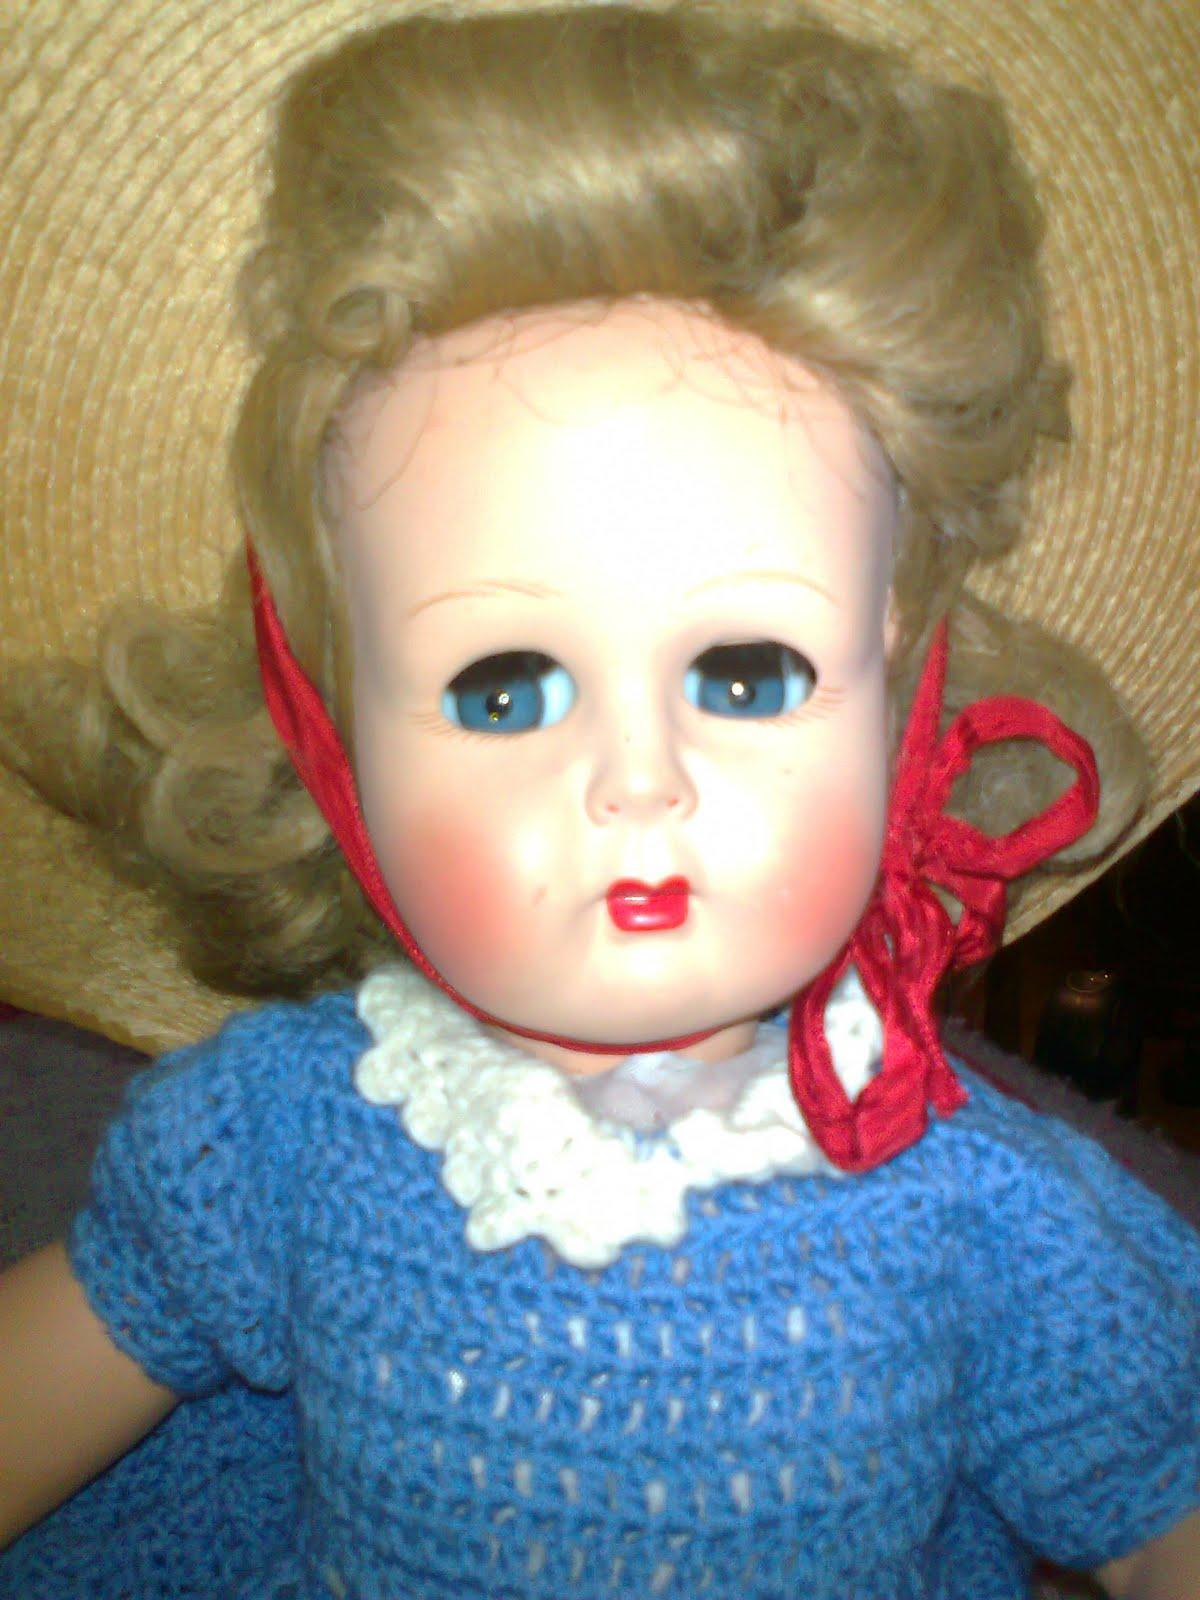 Bambole E Bambolotti Bambola Pupazzo Bambole E Accessori Precise Bambolina Porcellain Doll